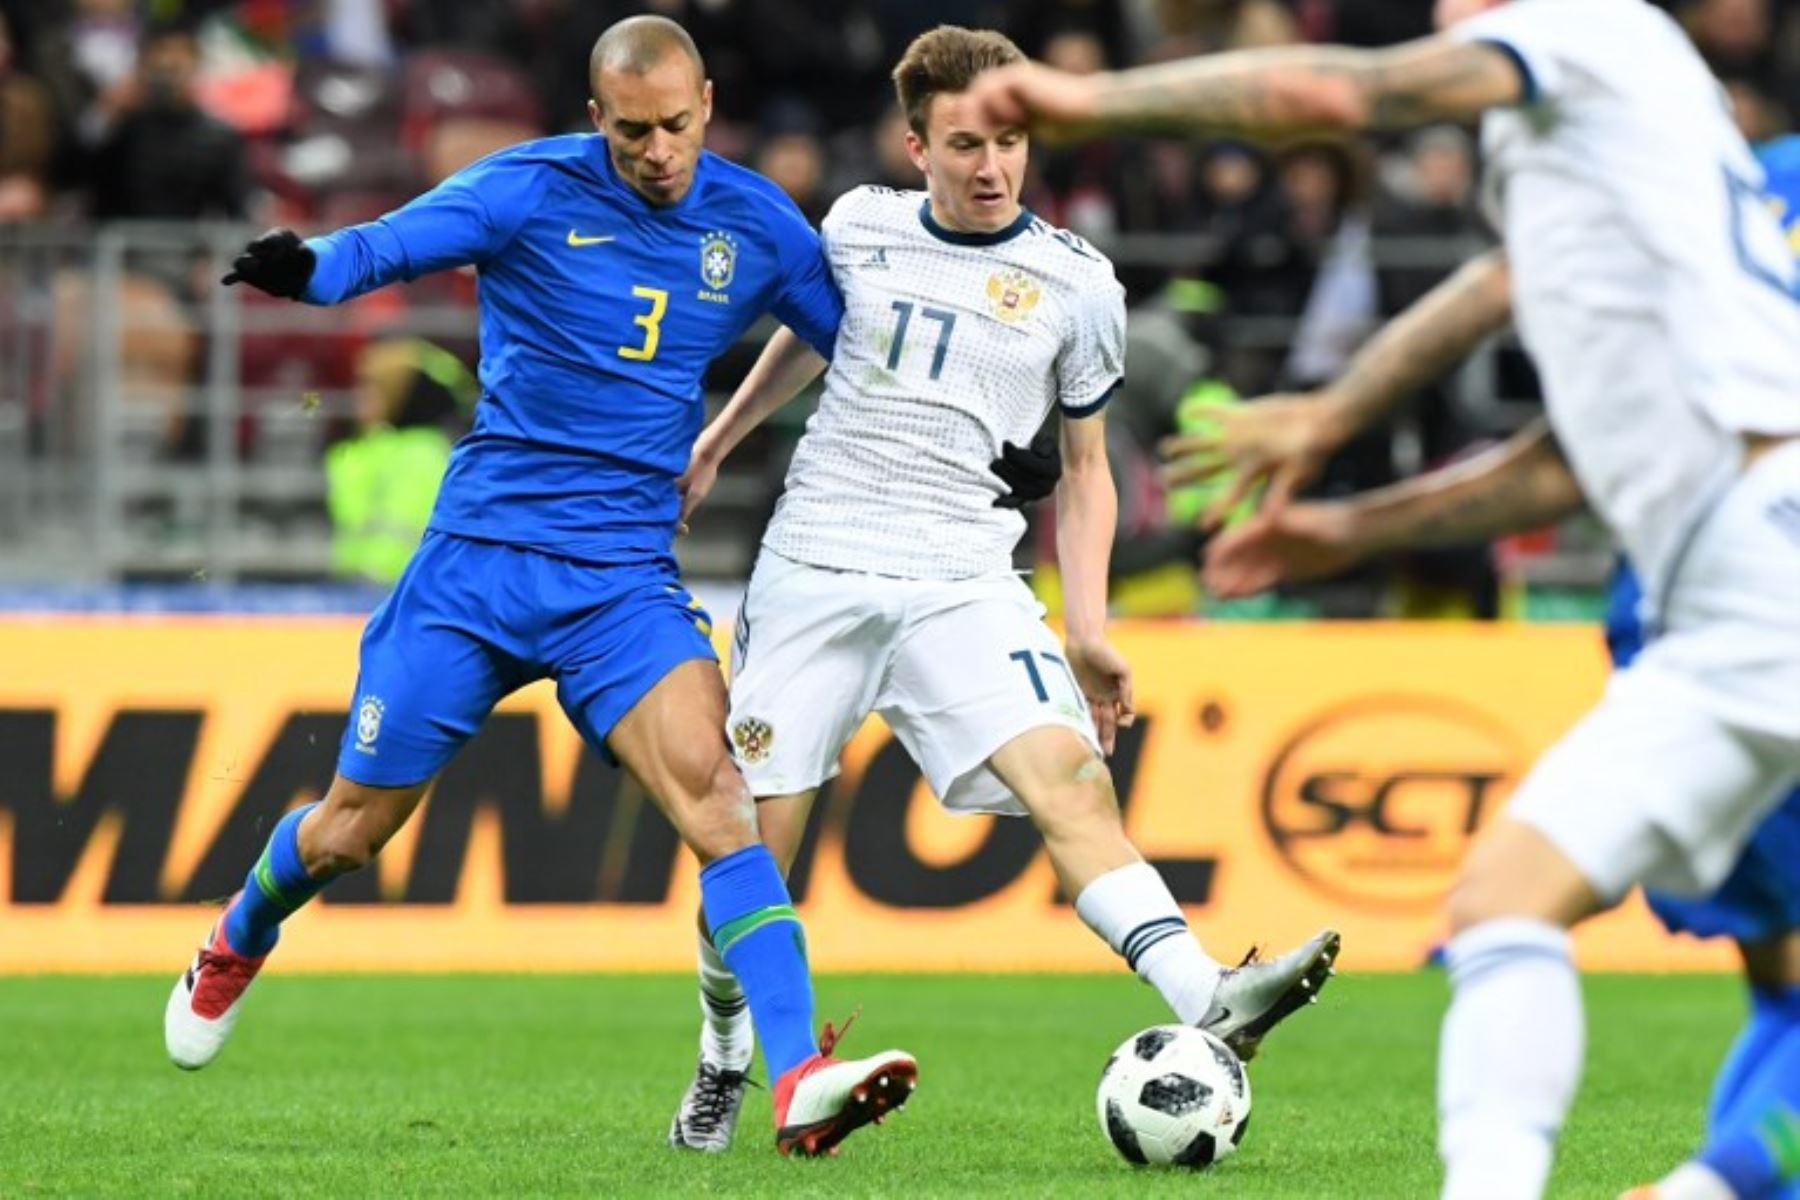 El defensa brasileño Miranda  y el mediocampista ruso Alexander Golovin compiten por el balón durante un partido amistoso internacional de fútbol entre Rusia y Brasil en el estadio Luzhniki en Moscú.Foto:AFP